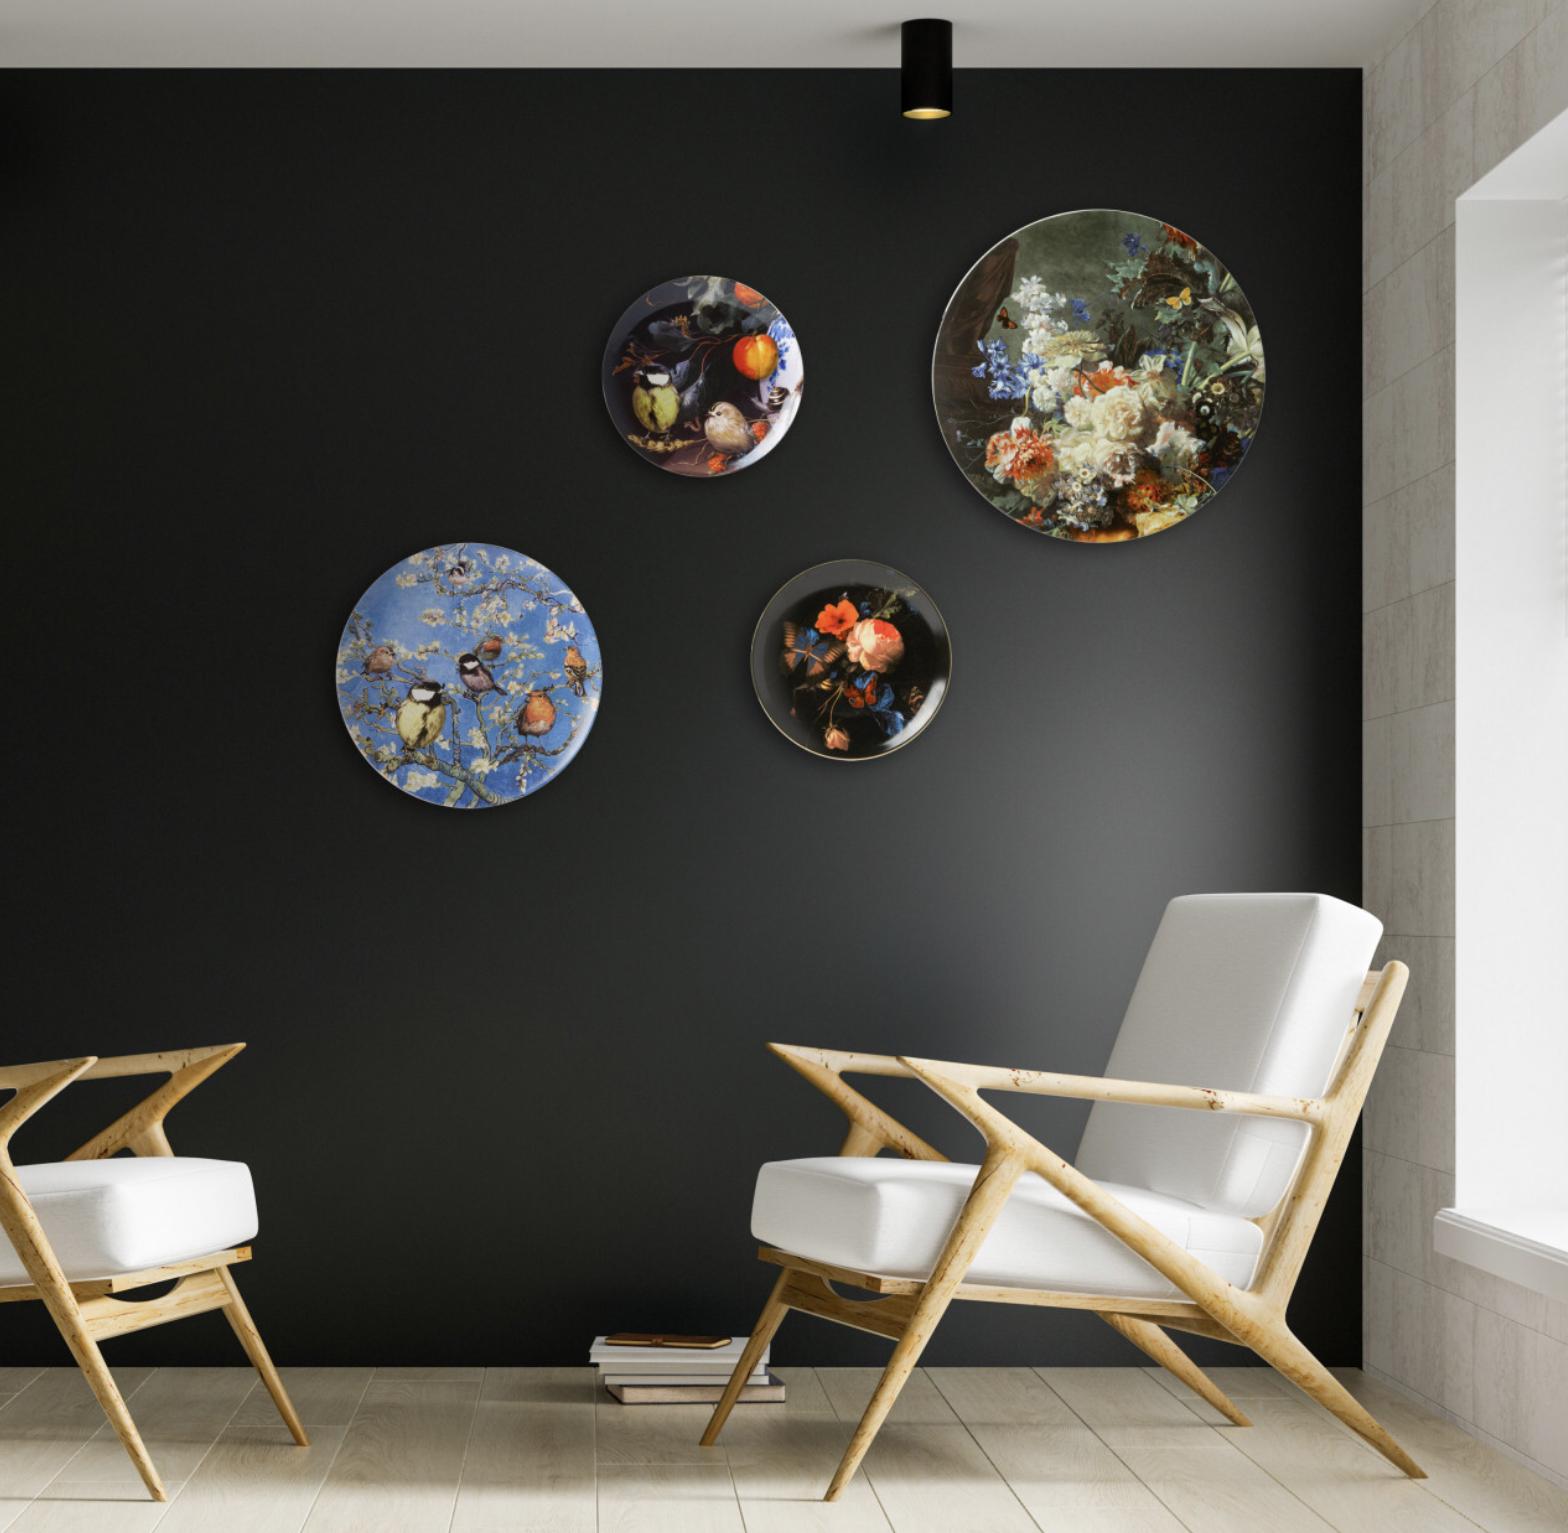 Dit stijlvolle wandbord is zeer geschikt om cadeau te doen aan vrienden familie of collega`s - zelfs als uniek relatiegeschenk - dat maakt zeker indruk. Een schitterende bloemenpracht voor aan de muur. De wandborden zijn gemaakt van porselein en hebben gaatjes aan de achterkant waardoor ze eenvoudig kunnen worden opgehangen. Kortom, dit wandbord is een ideal decoratiestuk om je huis sfeer te geven en om eindeloos te combineren met andere Delfts blauwe wandborden Angelart Kunst en zo